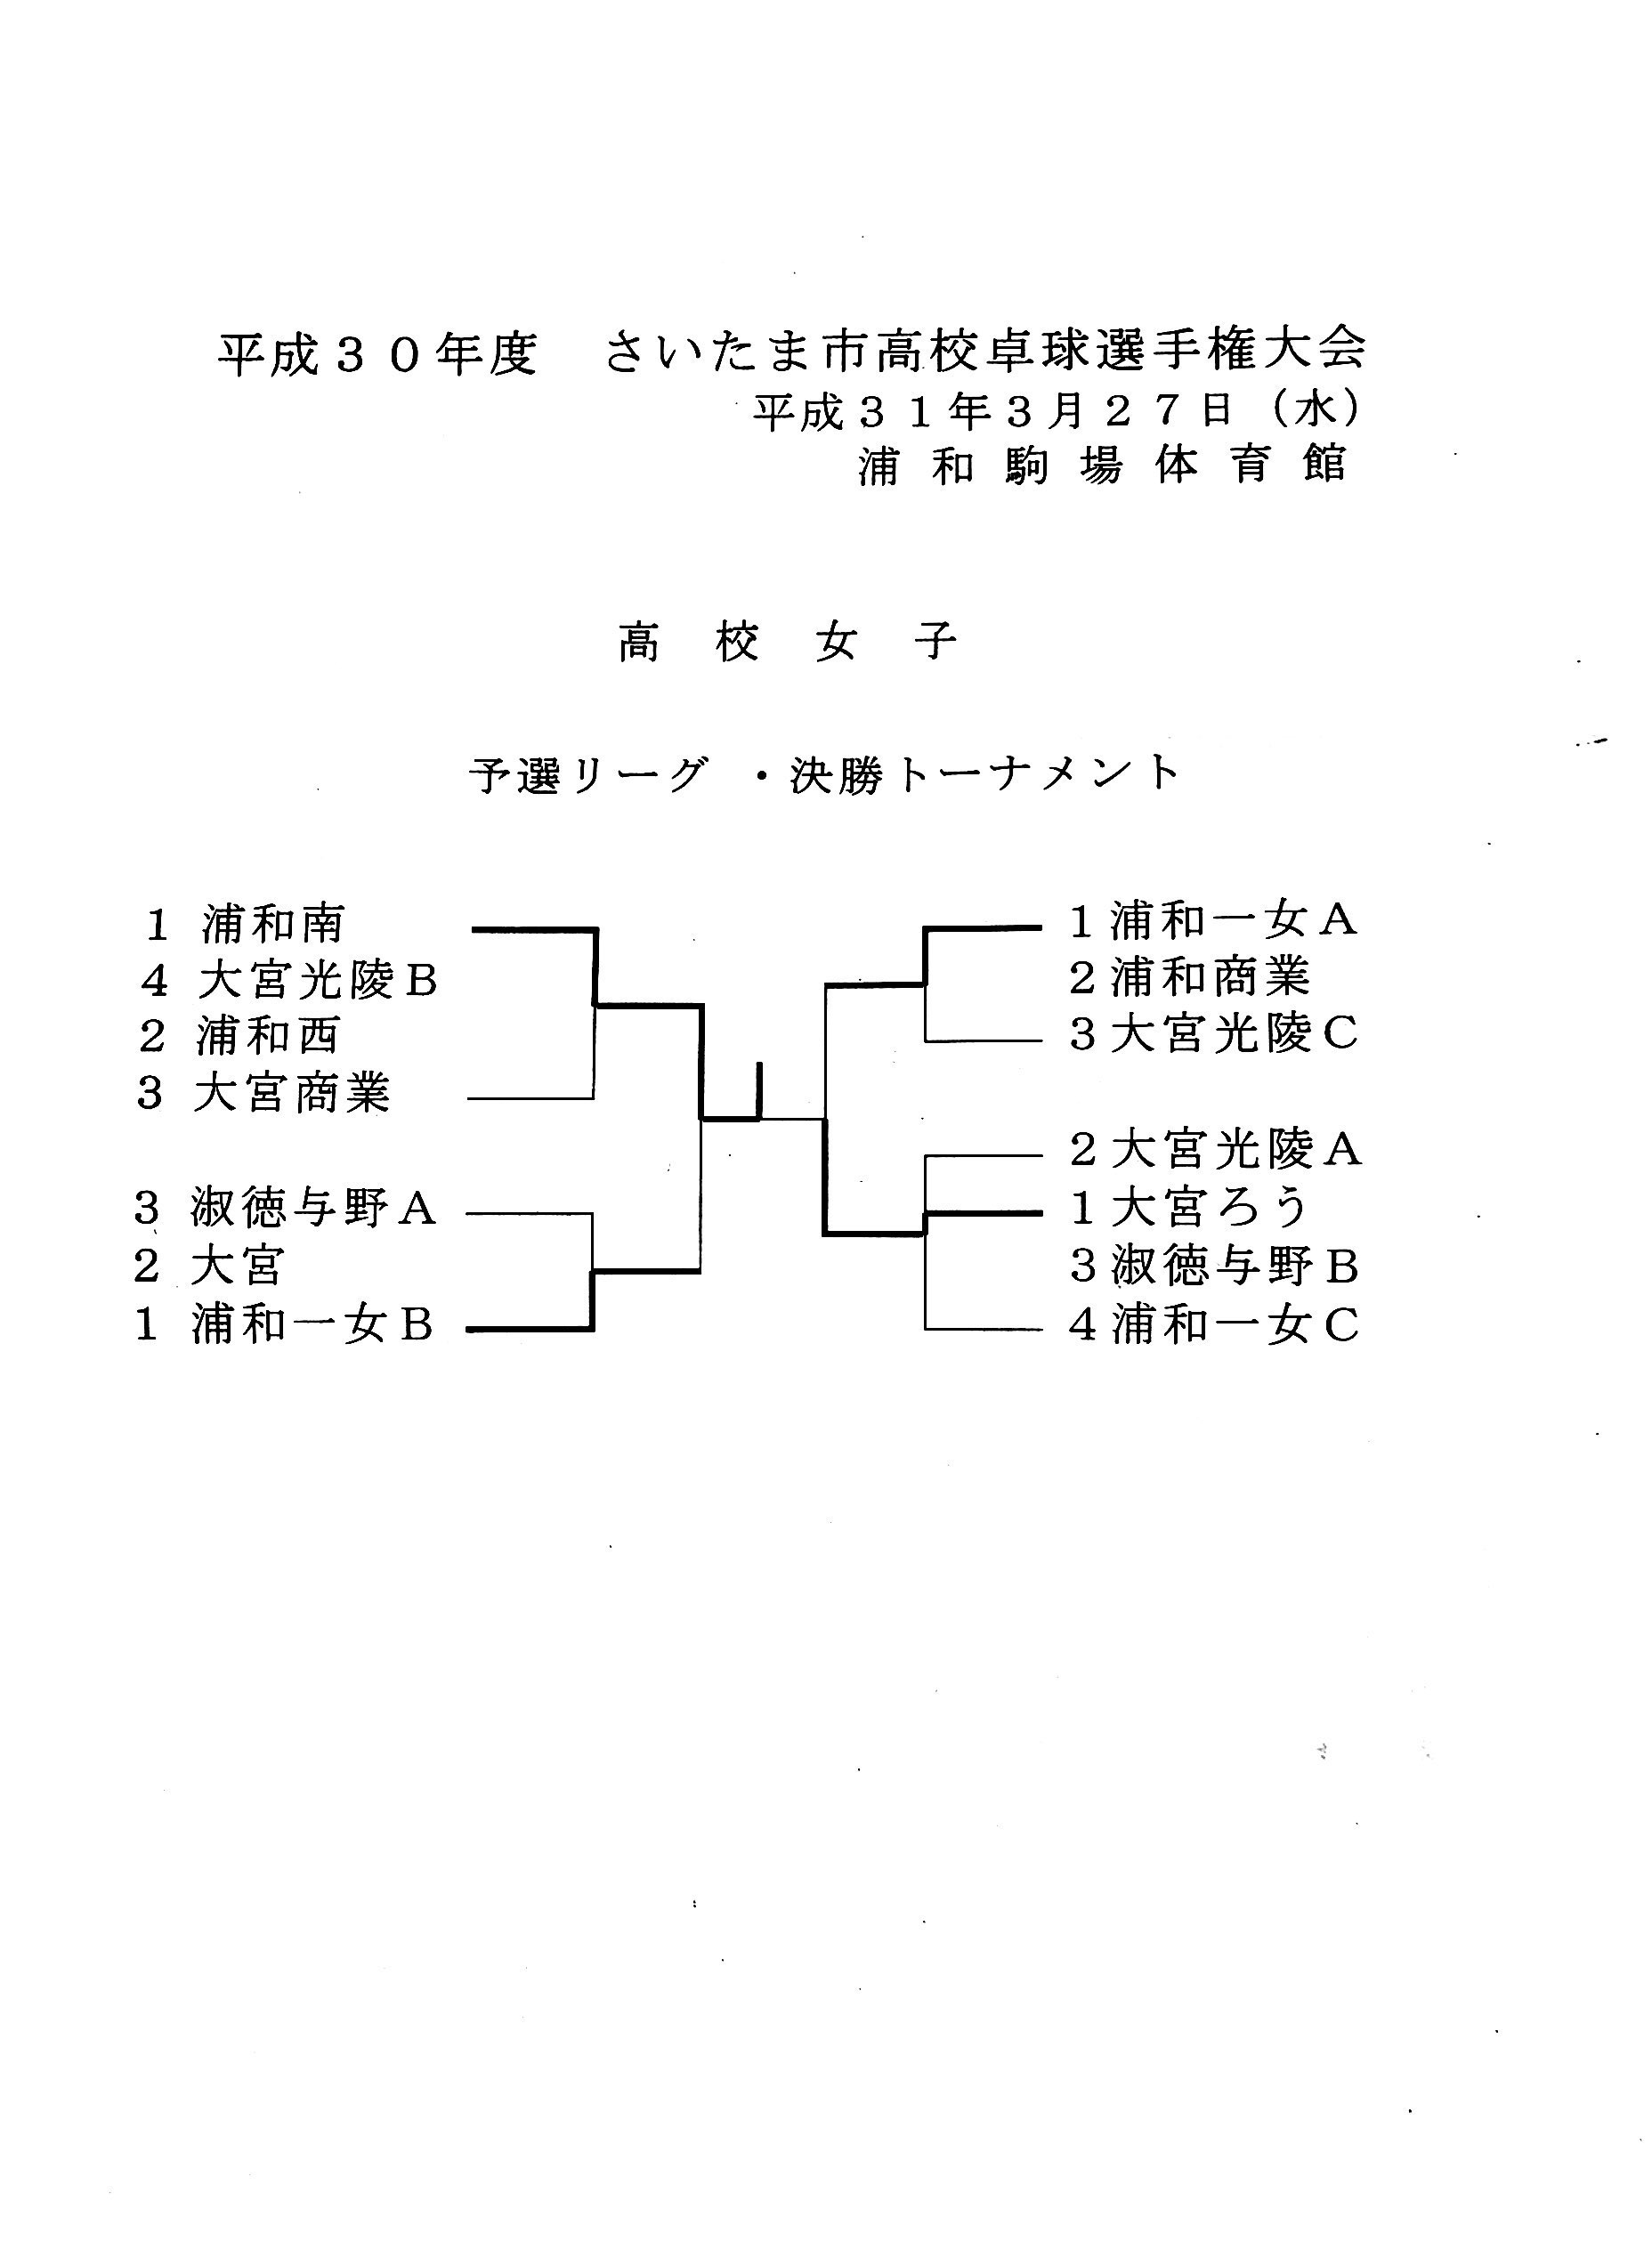 新規ドキュメント 2019-04-05 15.24.02_1